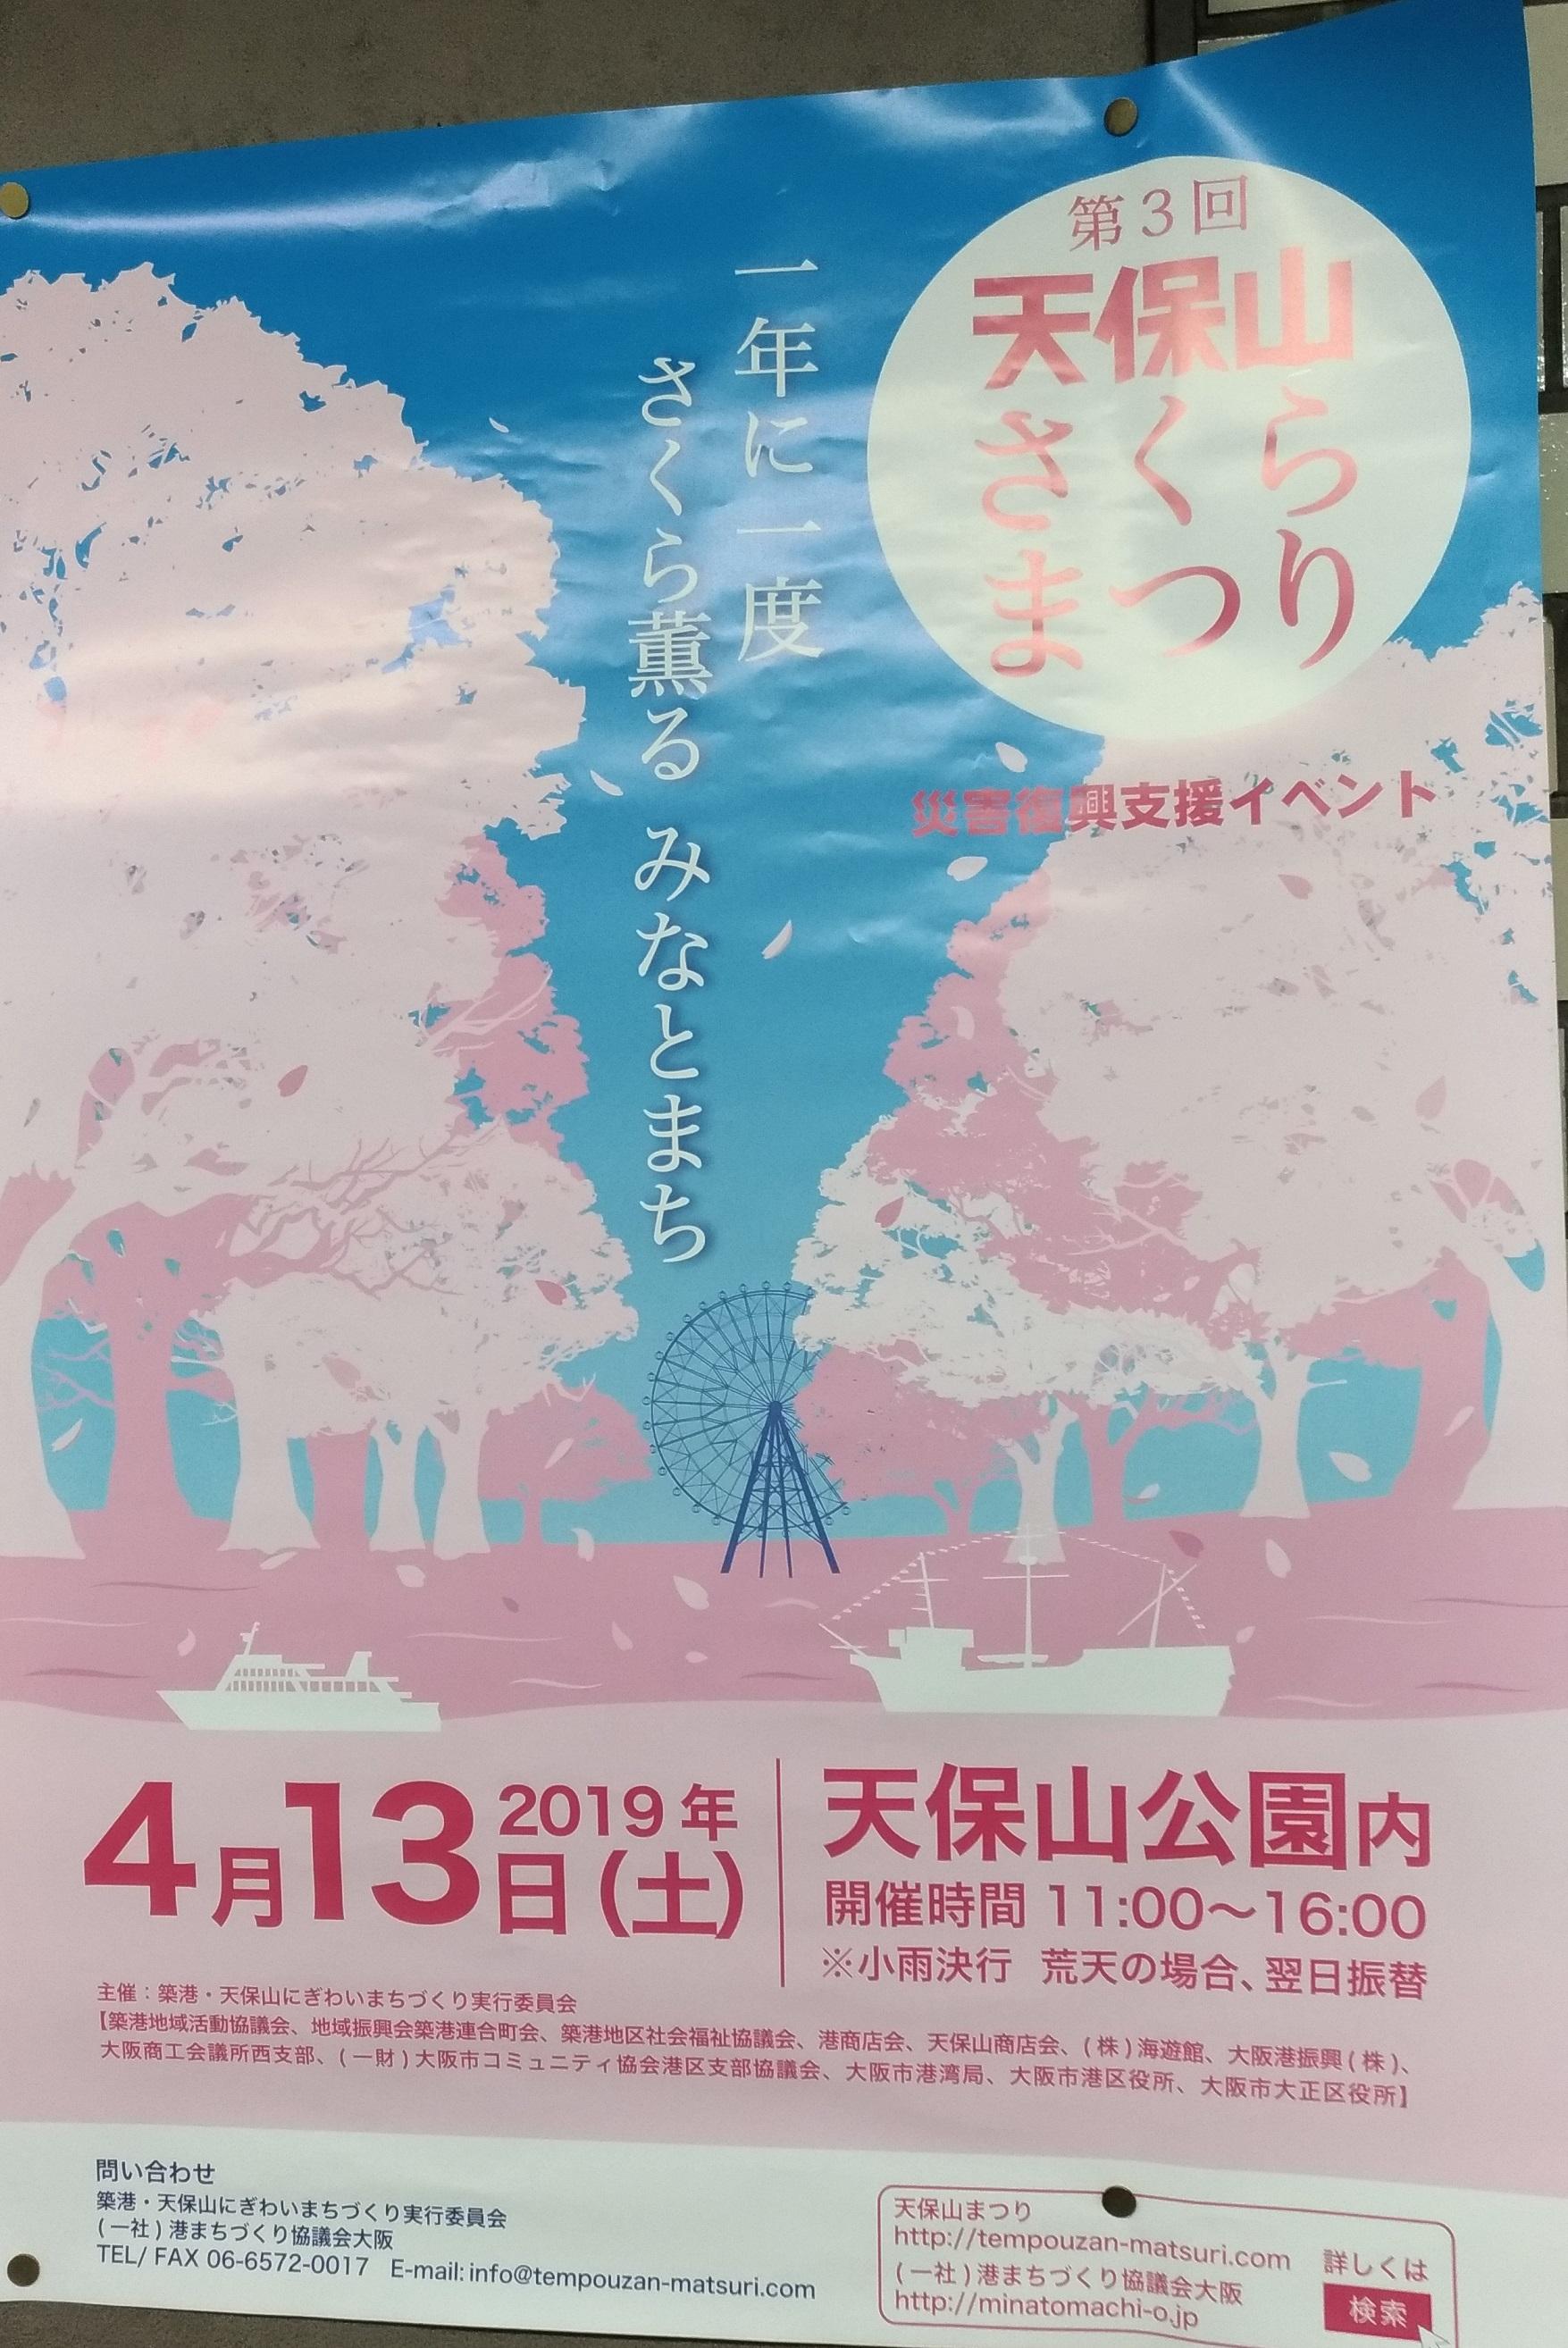 osaka_tenpozan_sakura_events.jpg